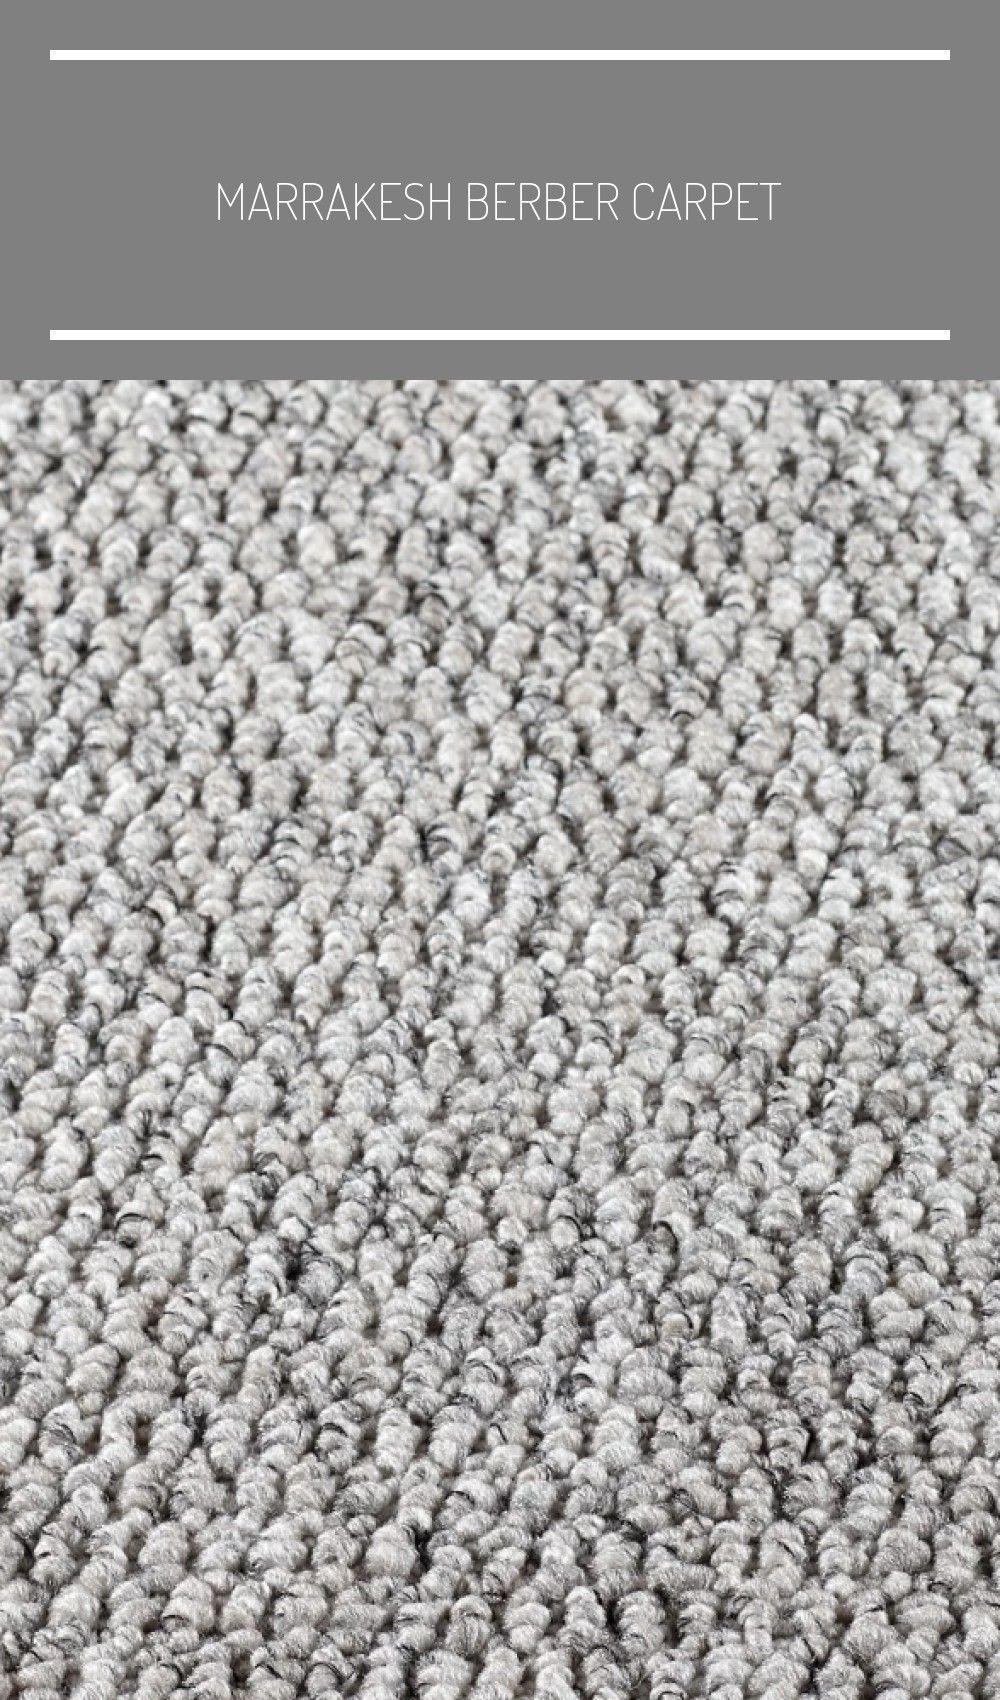 Marrakesh Berber Carpet Carpets Carpetright Berber Carpet Bedroom Patterns Marrakesh Berber Carpet Ca In 2020 Berber Carpet Rugs On Carpet Patterned Carpet